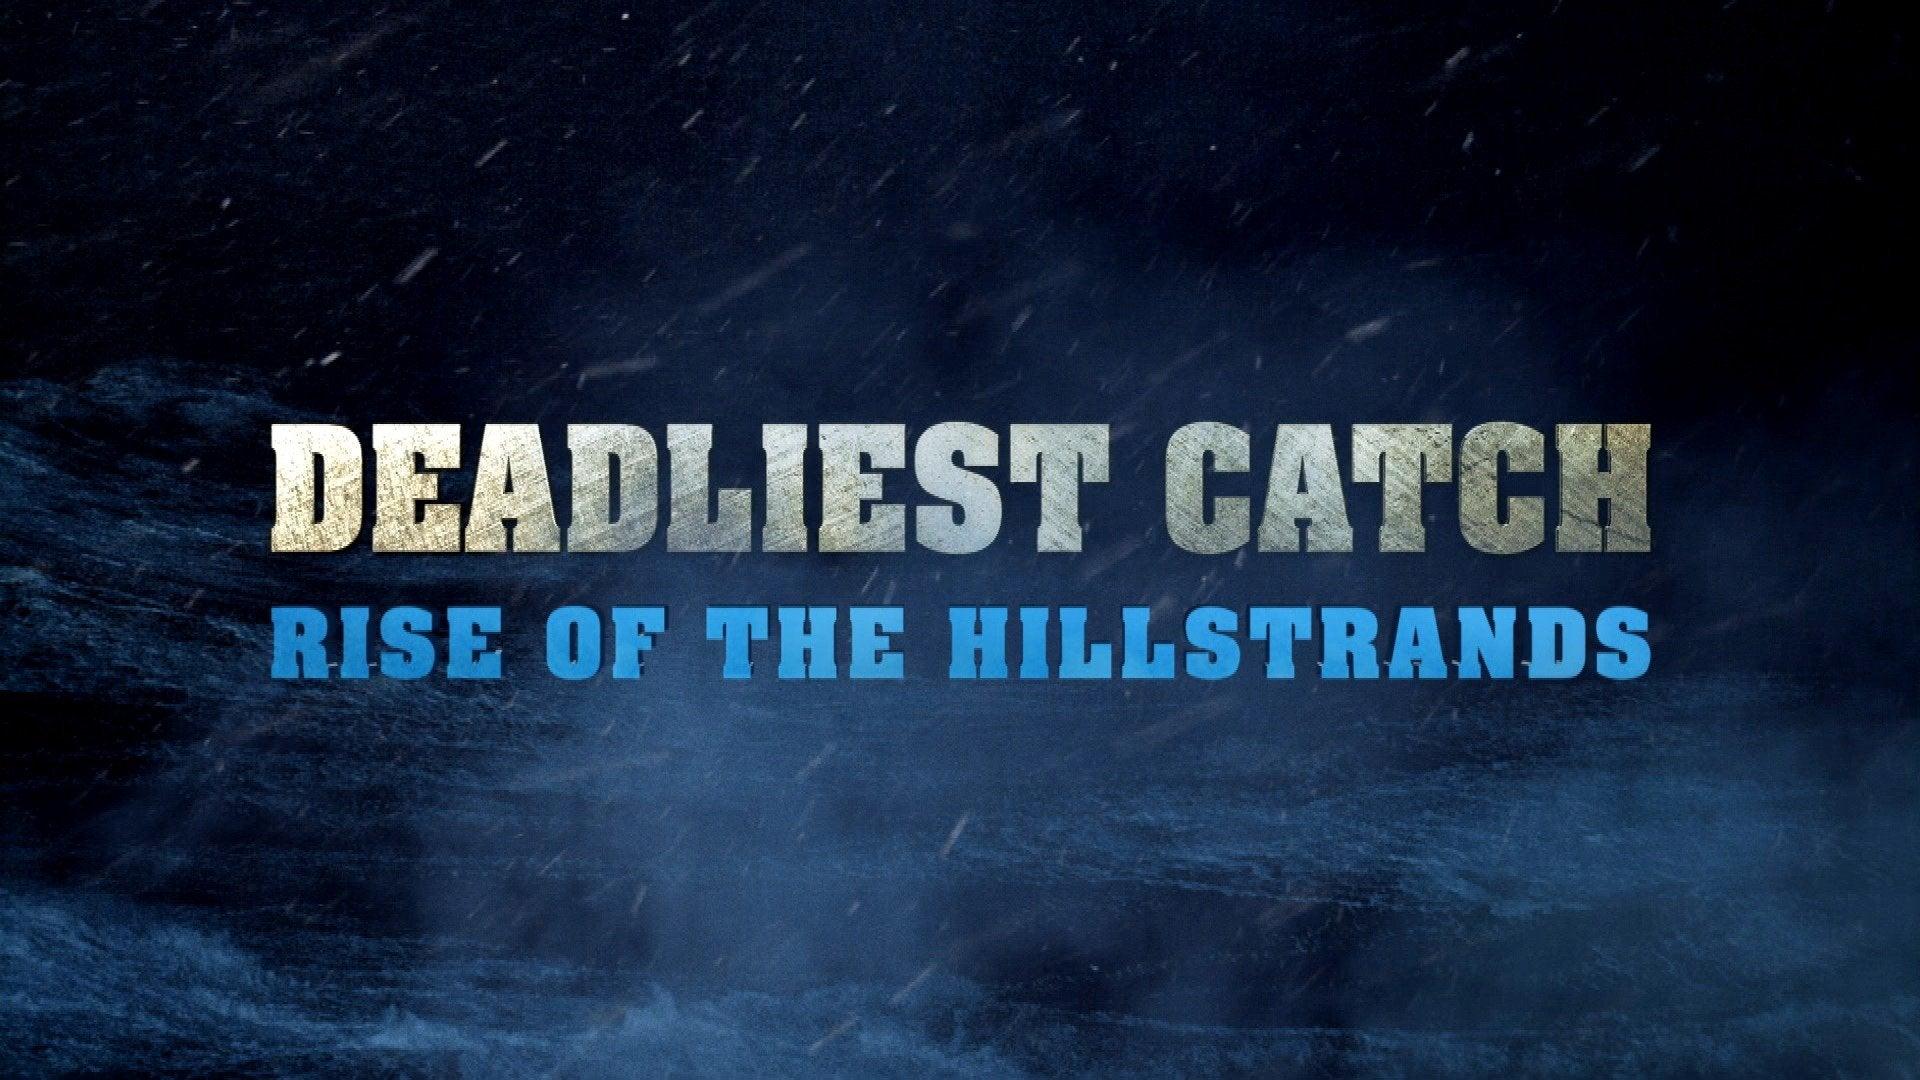 Deadliest Catch: Rise of the Hillstrands